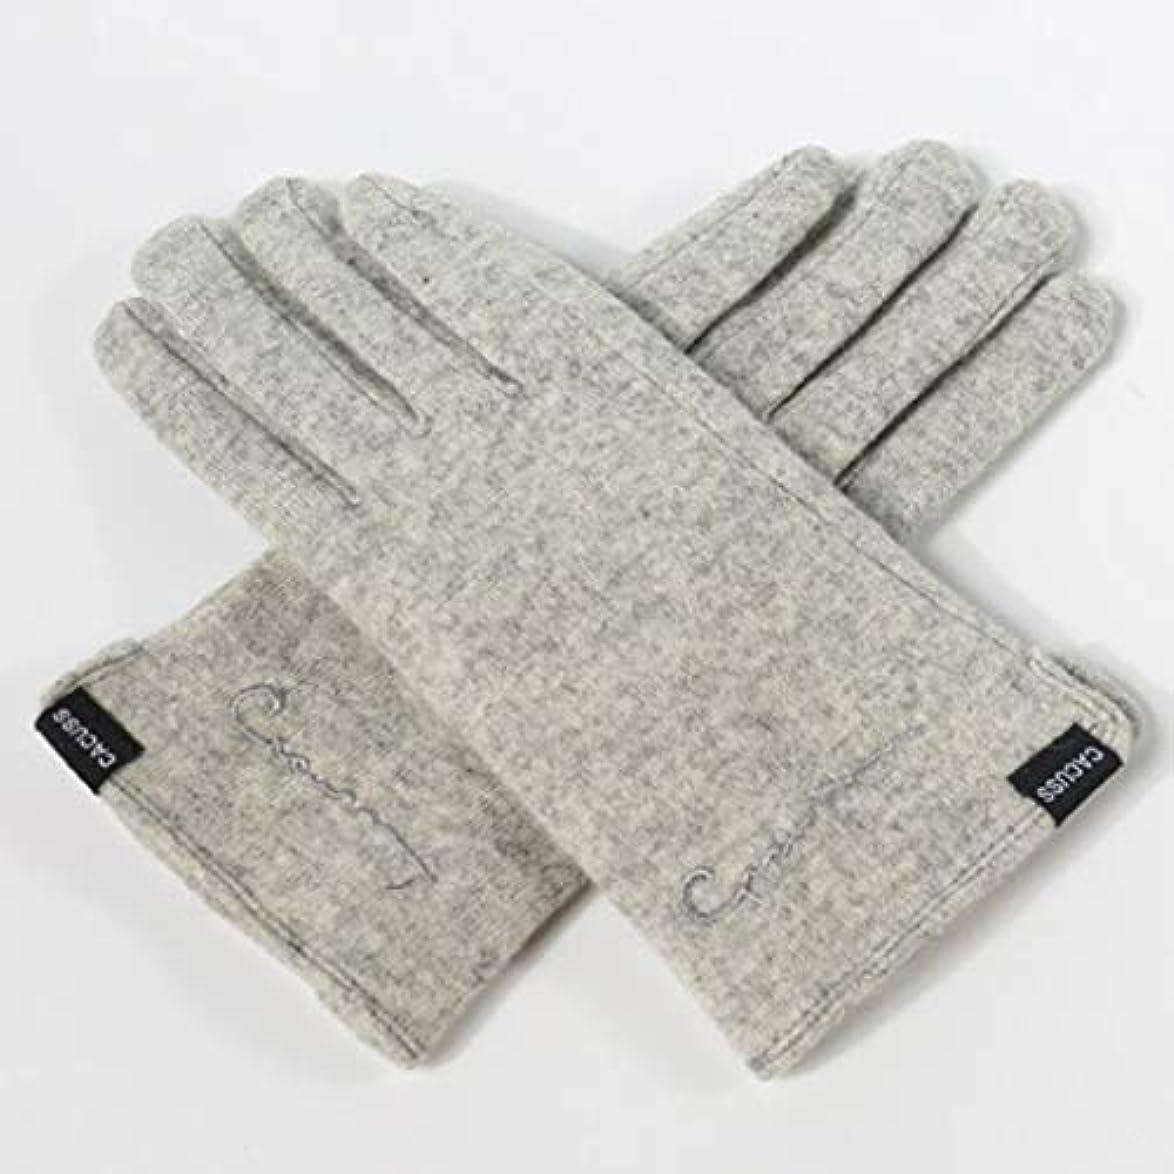 オープナー降下クッション手袋女性の冬のタッチスクリーンのファッション暖かく快適なポイントは、乗馬を厚くする (色 : Gray)